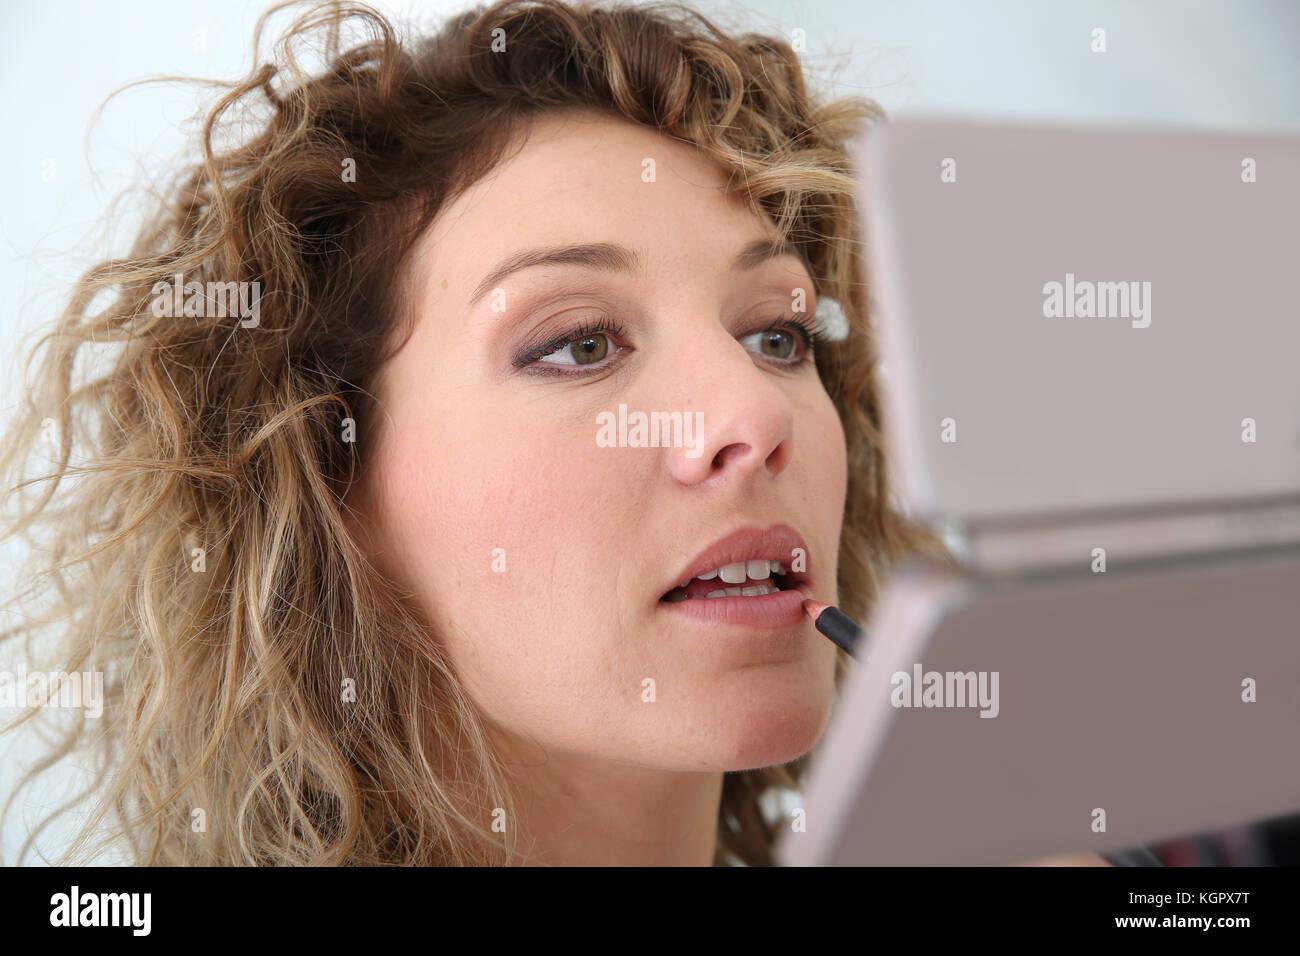 Woman applying makeup sur ses lèvres Photo Stock